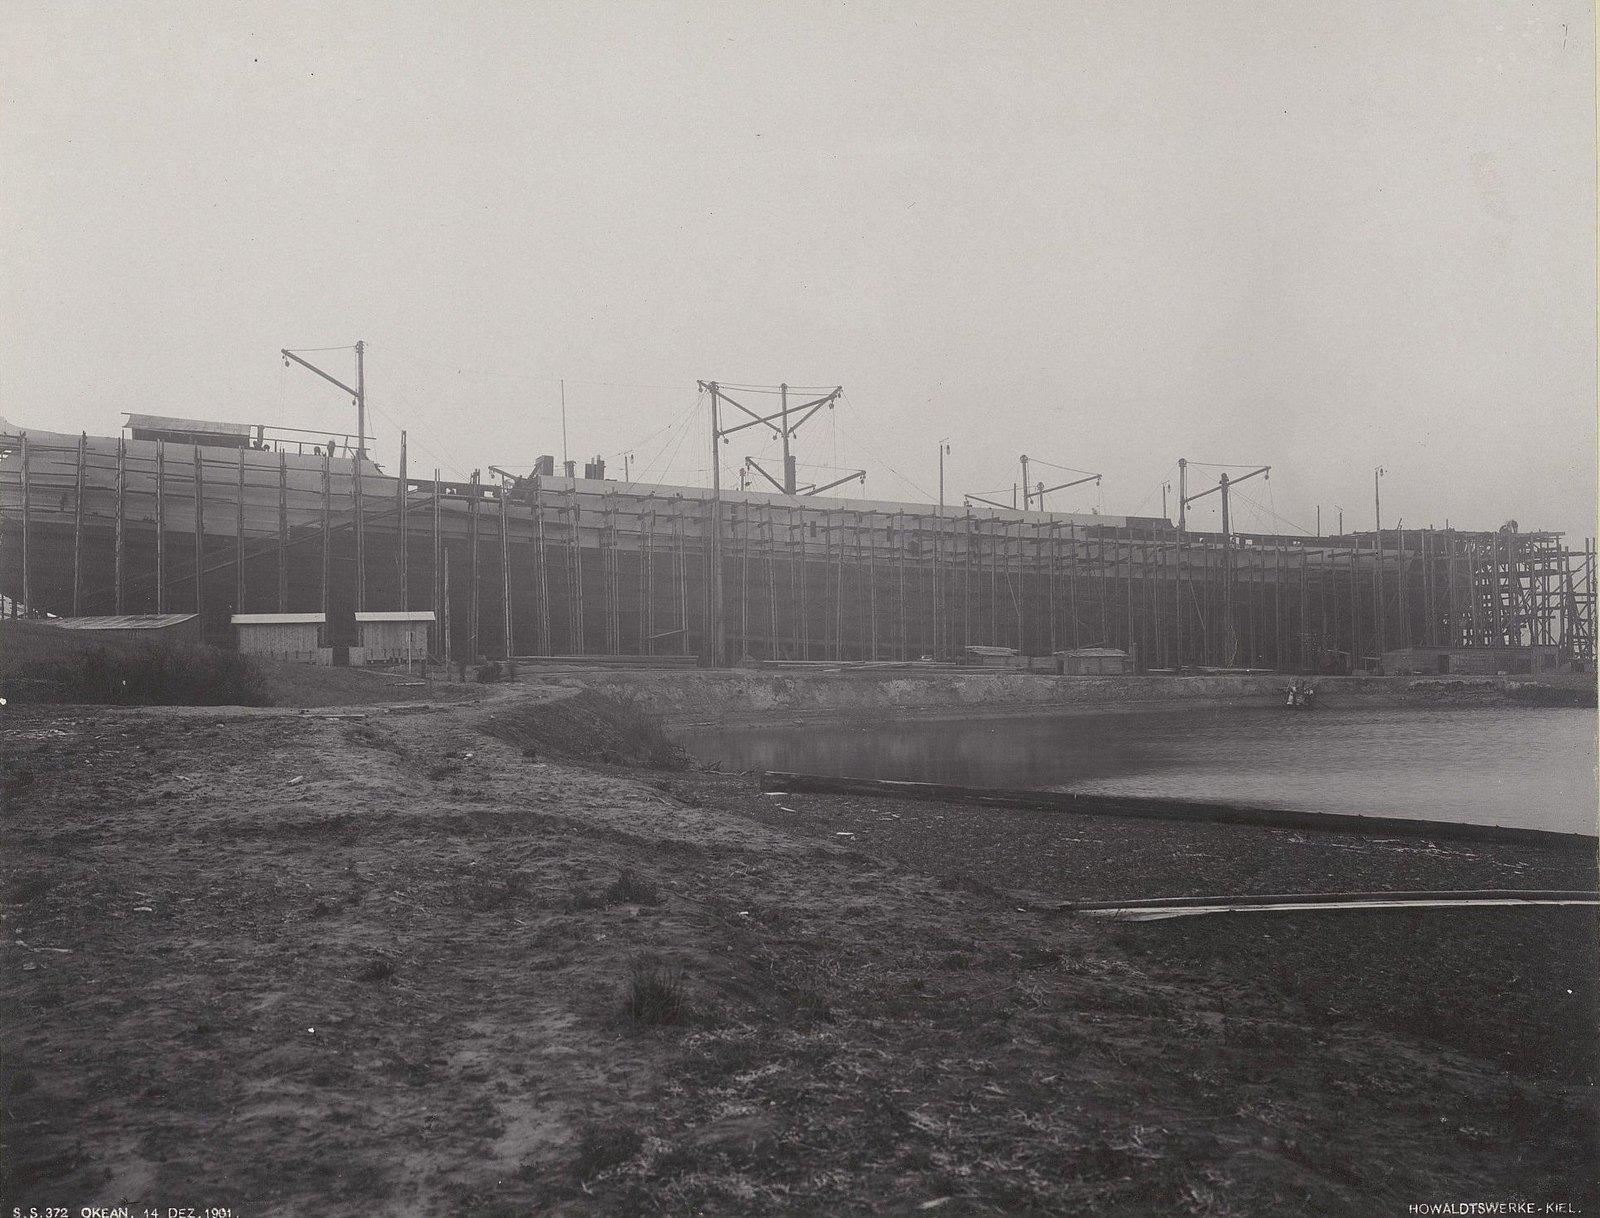 04. Строительство учебного судна «Океан». 14 декабря 1901 г.